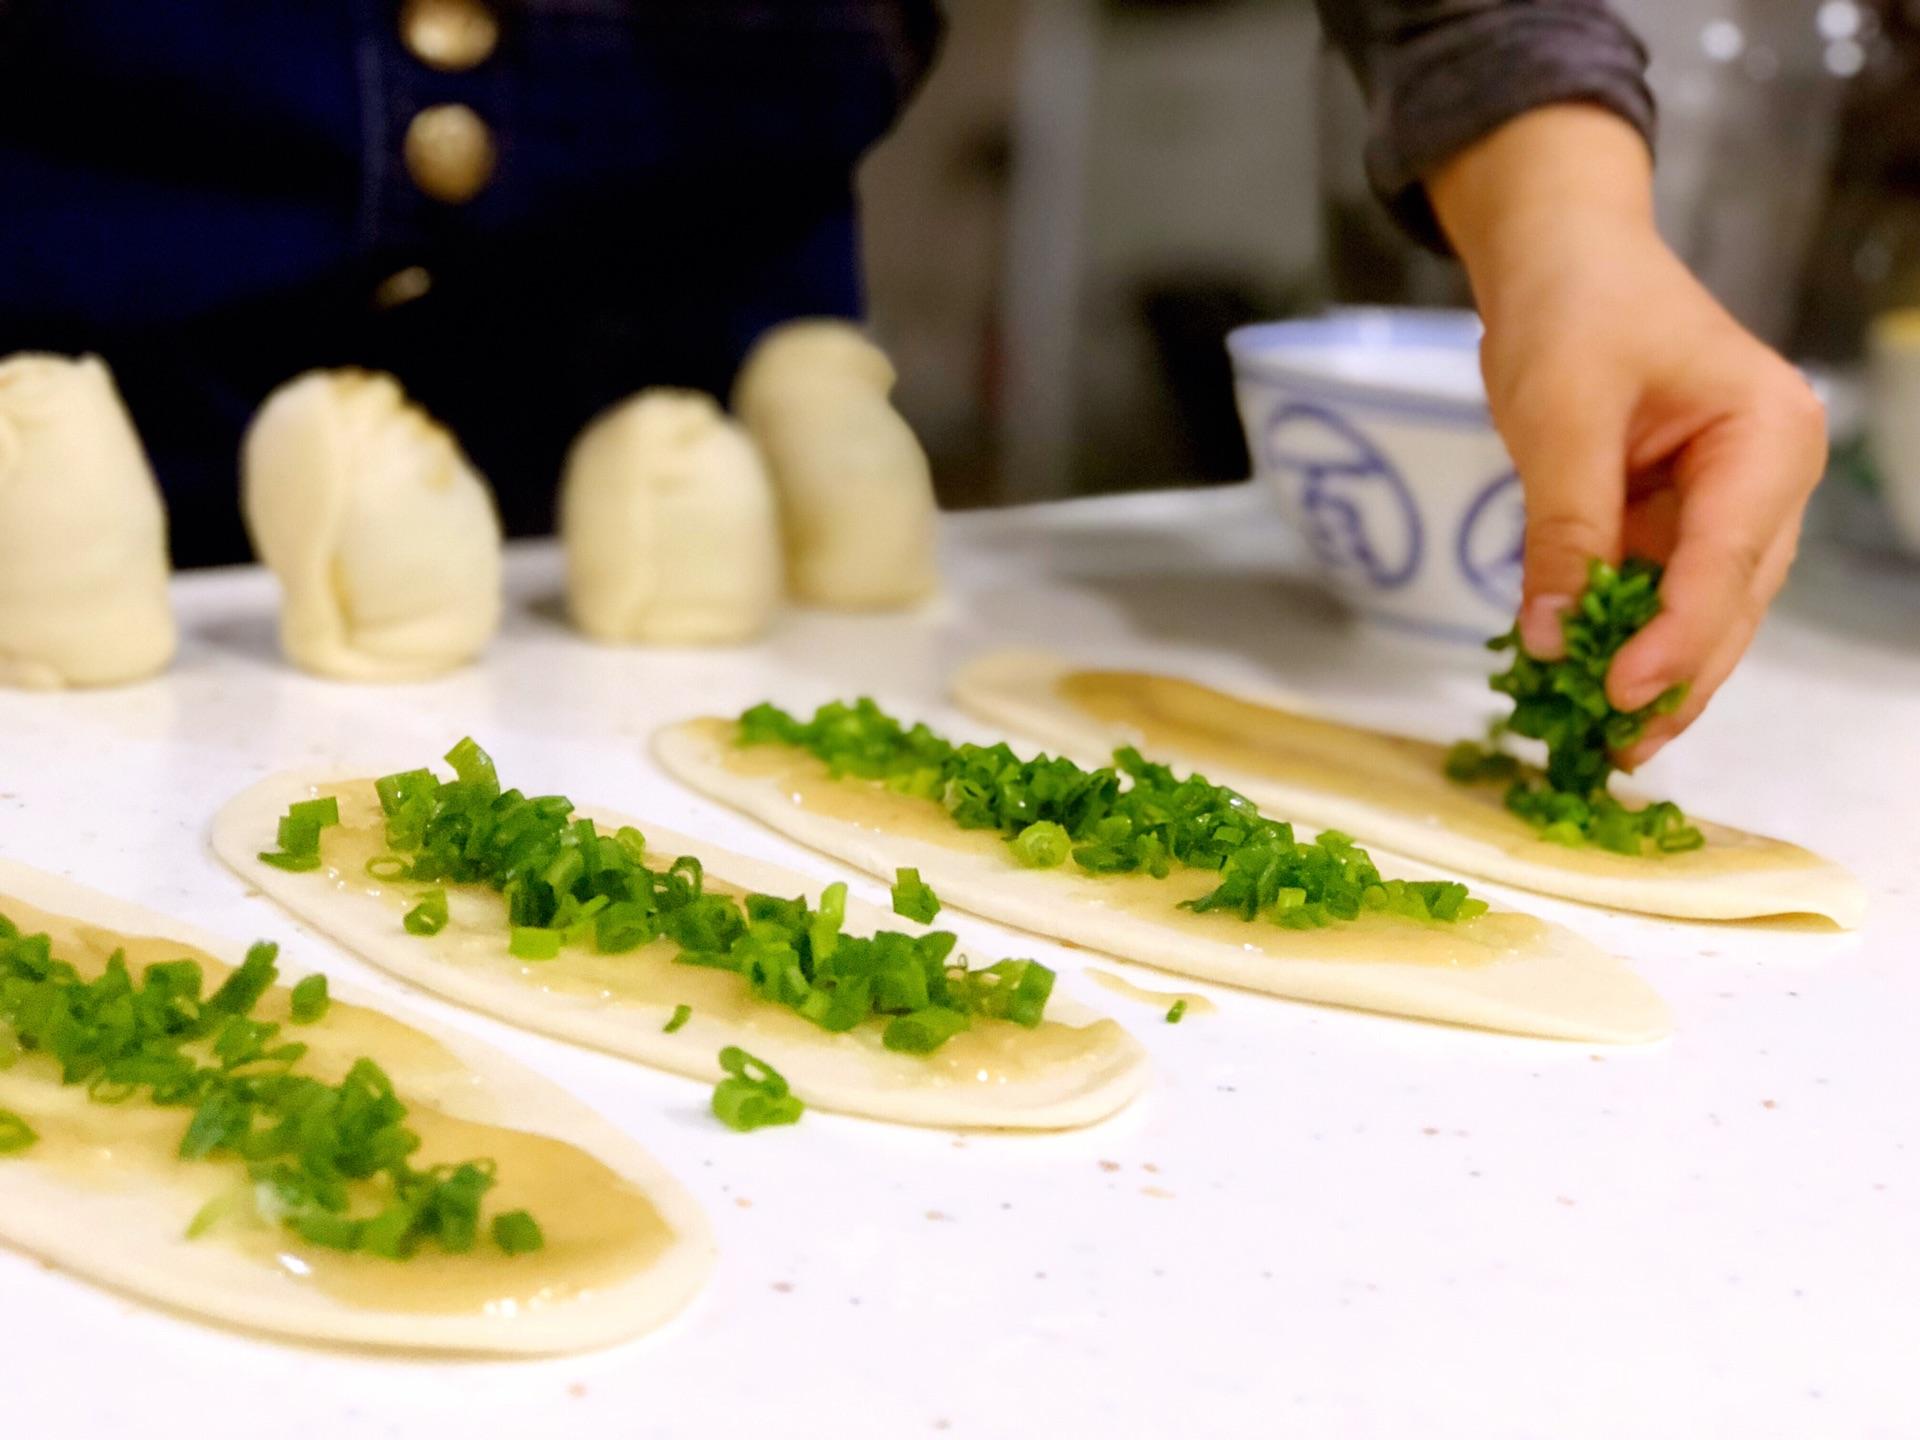 阿大葱油饼的做法_网红阿大葱油饼怎么做_网红阿大葱油饼的做法_豆果美食